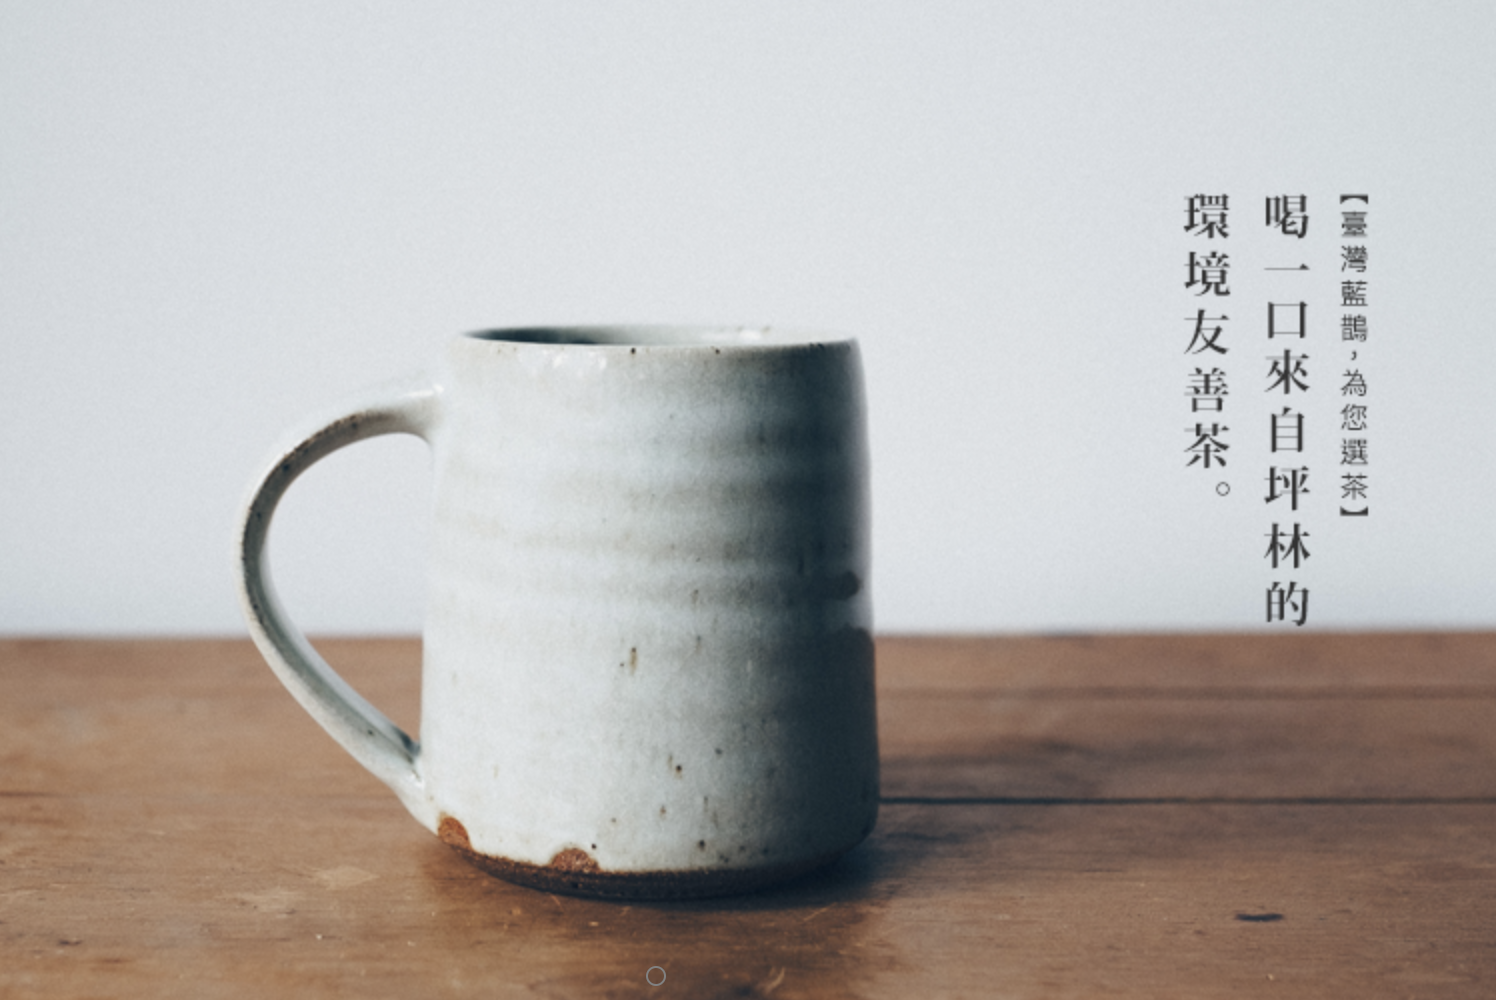 農學共存藍鵲茶 重建奉茶經濟